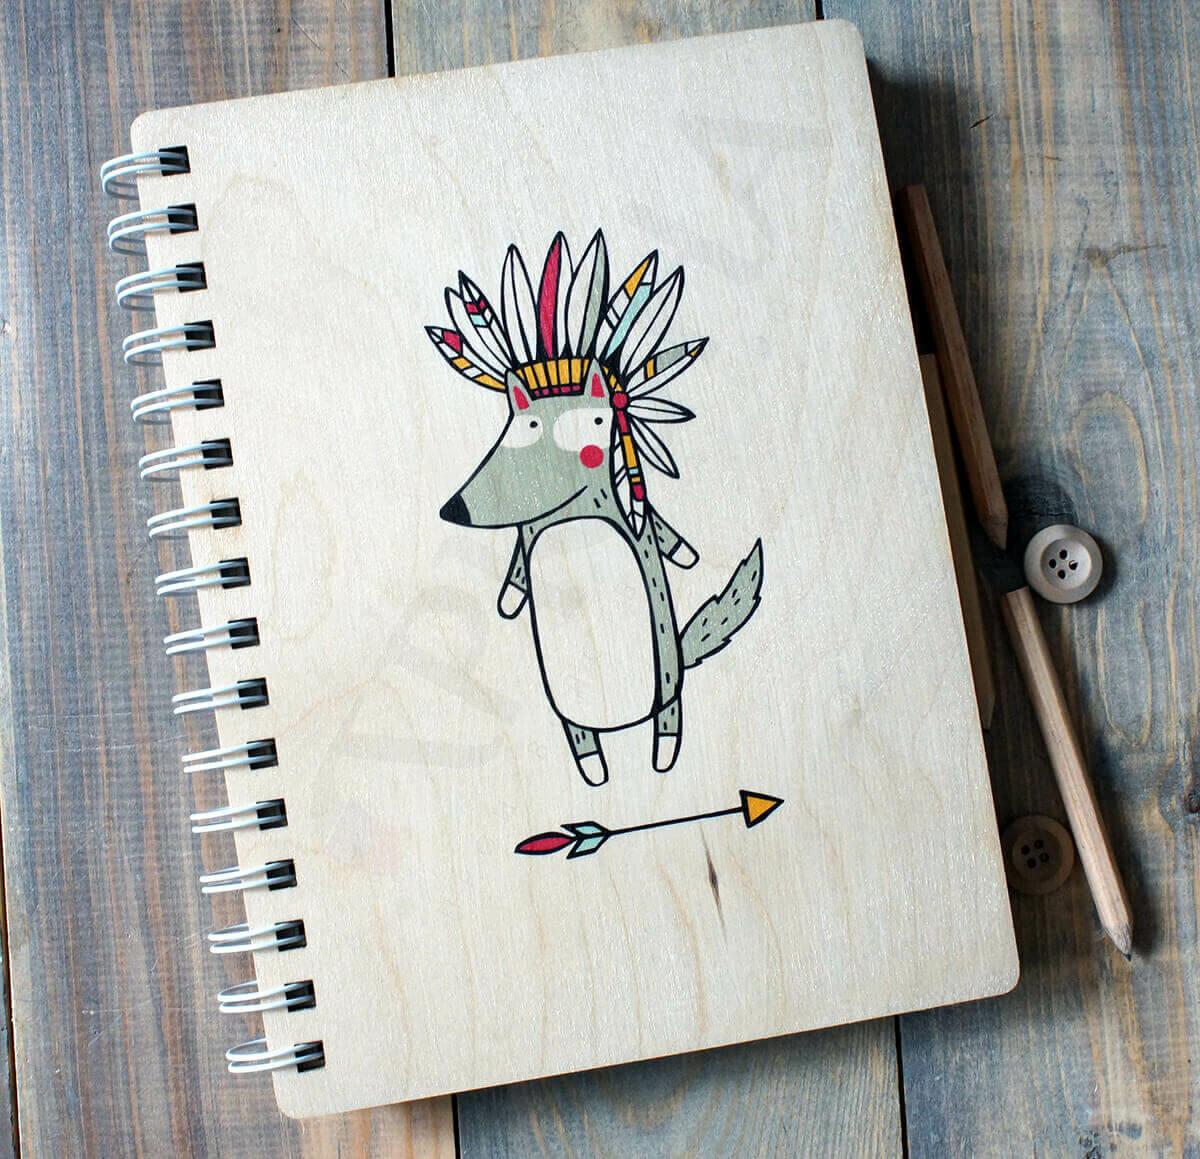 рисунки маленькие и легкие для блокнота красивые проходили мимо